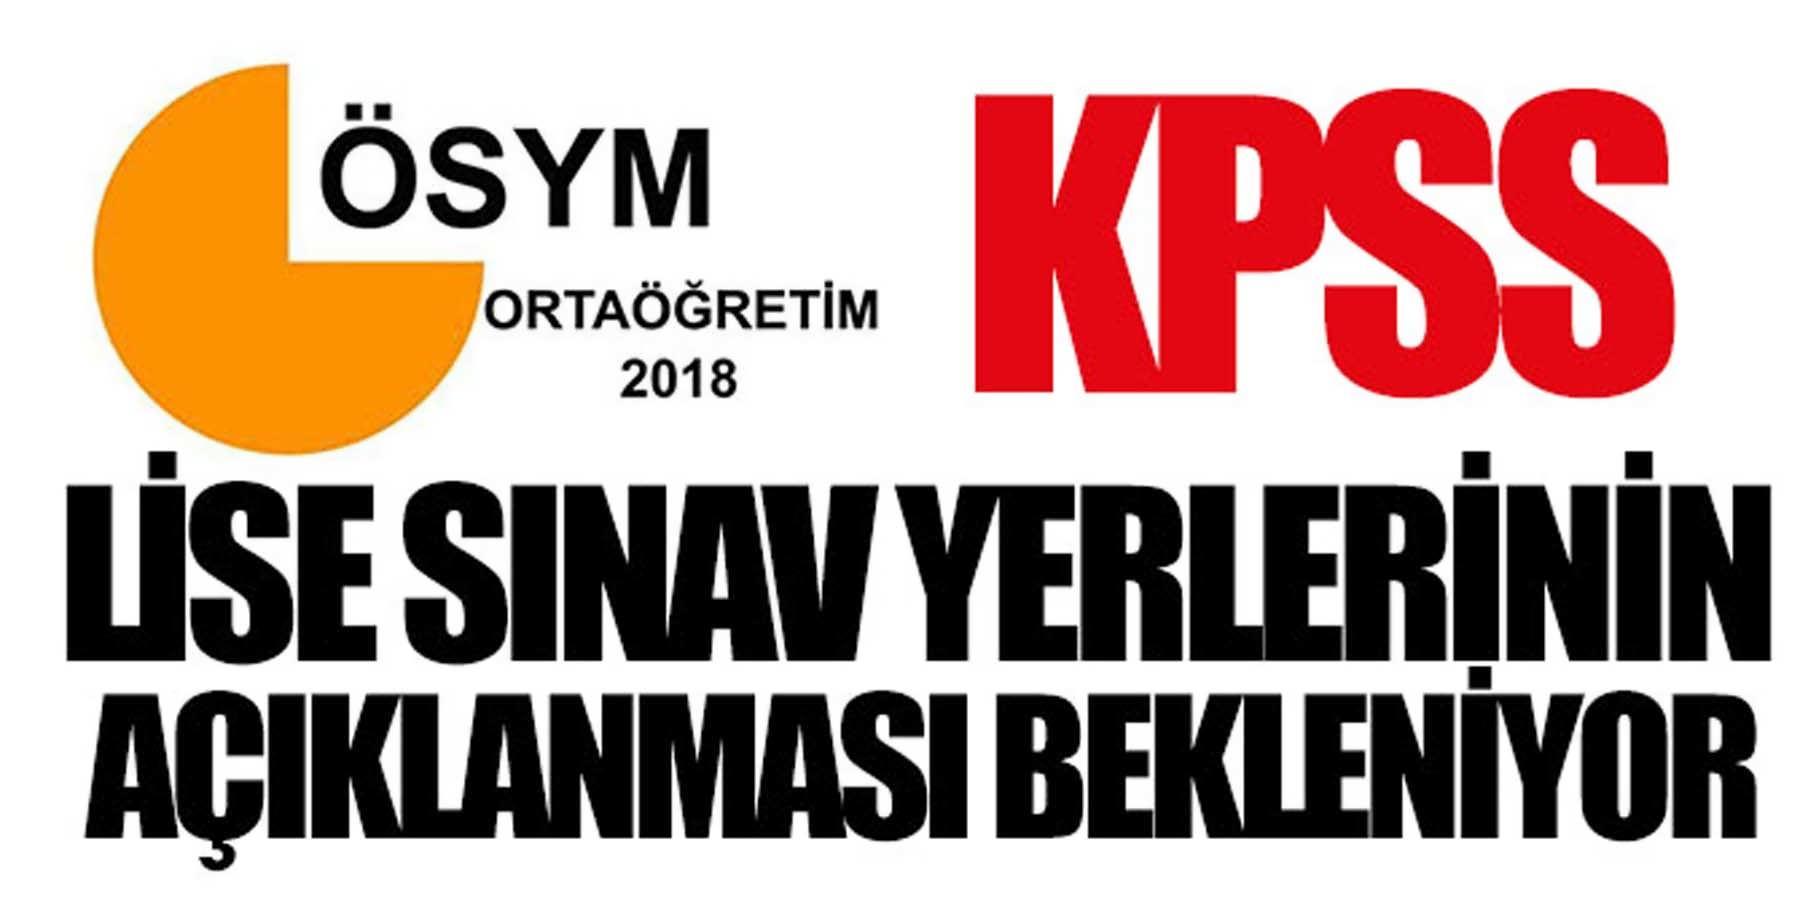 KPSS Lise Sınav Yerlerinin Açıklanması Bekleniyor